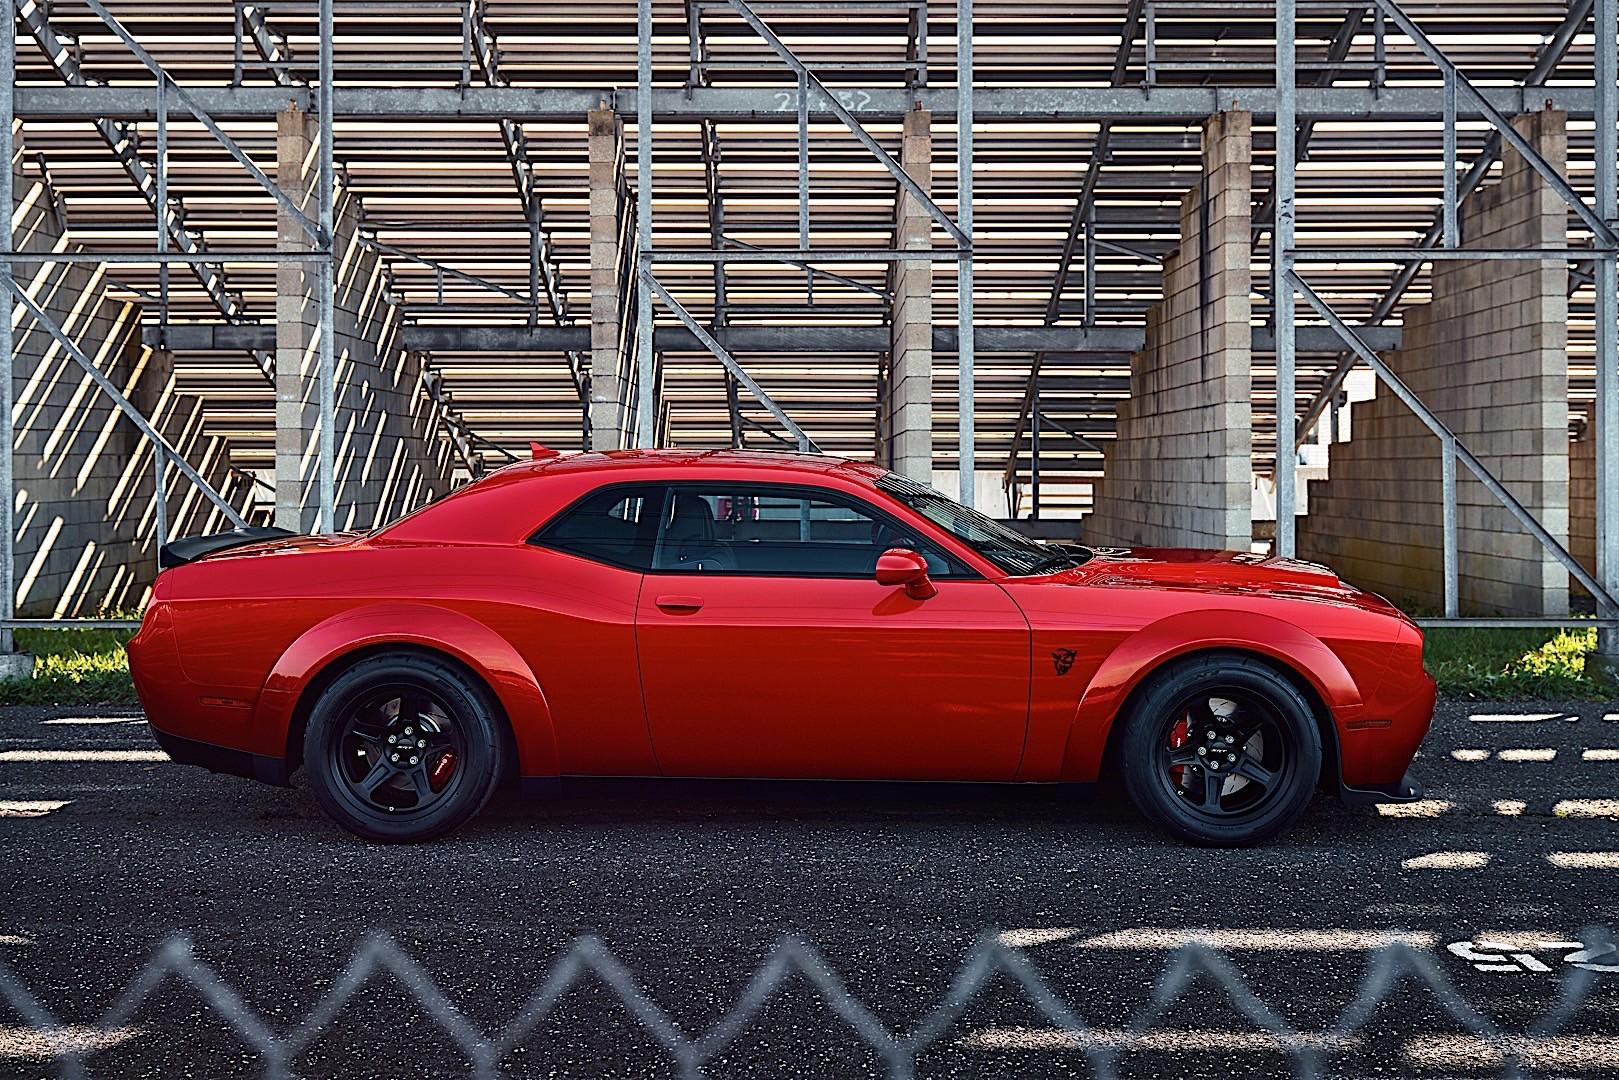 Dodge challenger fuel capacity